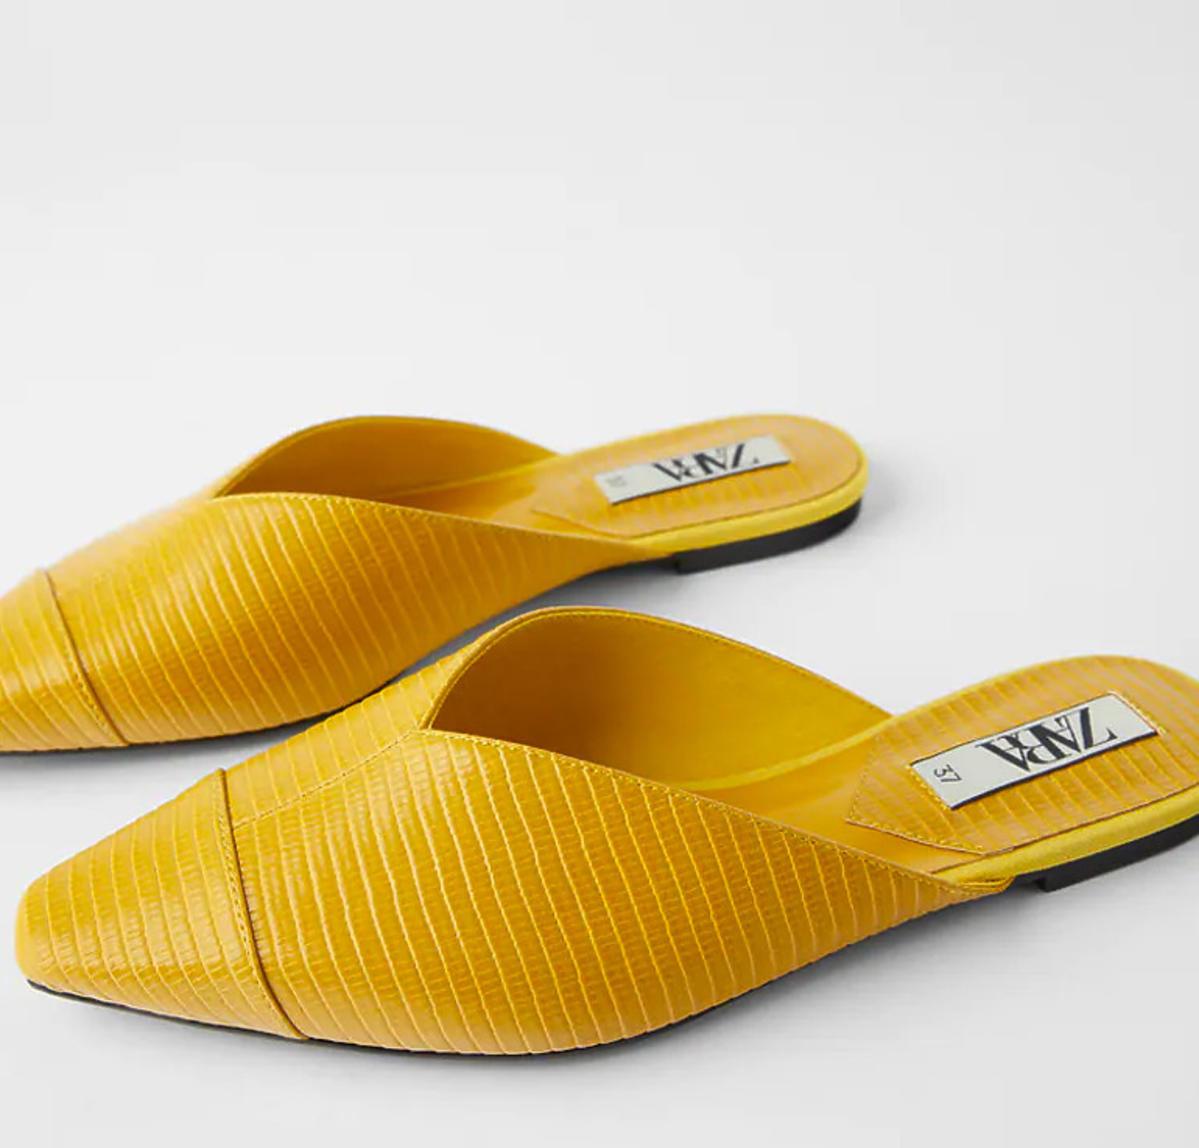 Żółte klapki Zara, wyprzedaż, 49,90 zł